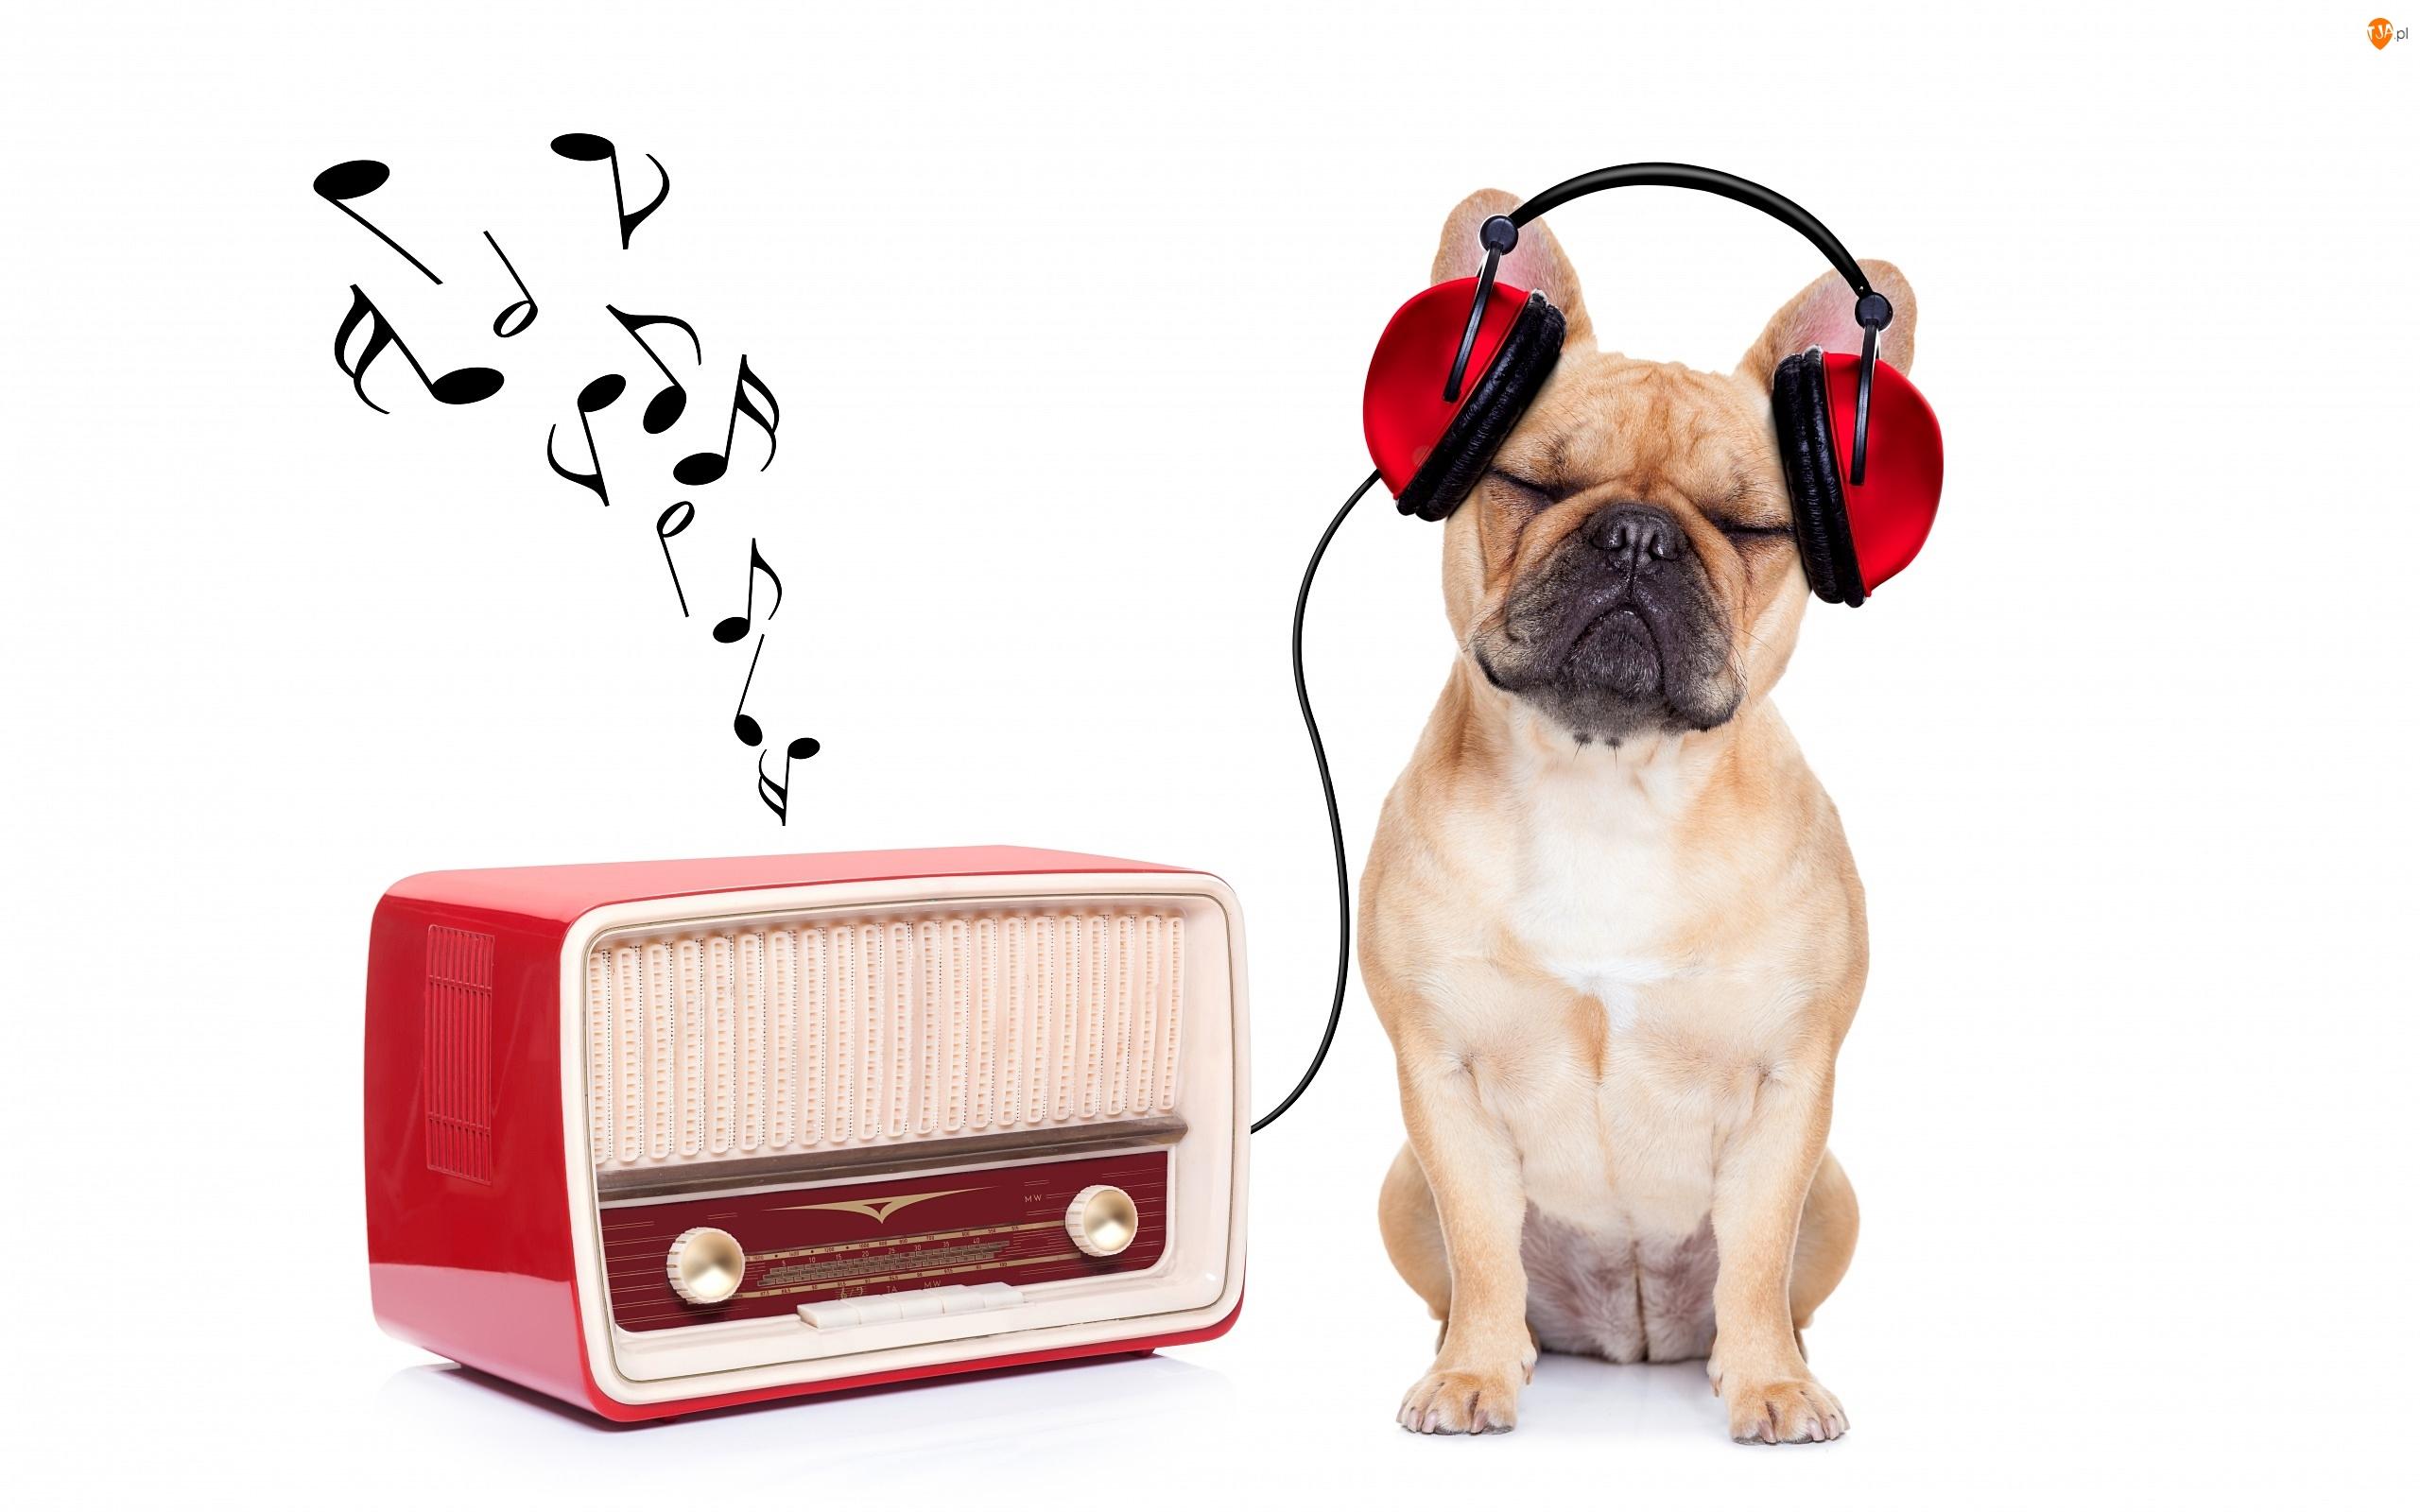 Śmieszne, Buldog francuski, Słuchawki, Muzyka, Radio